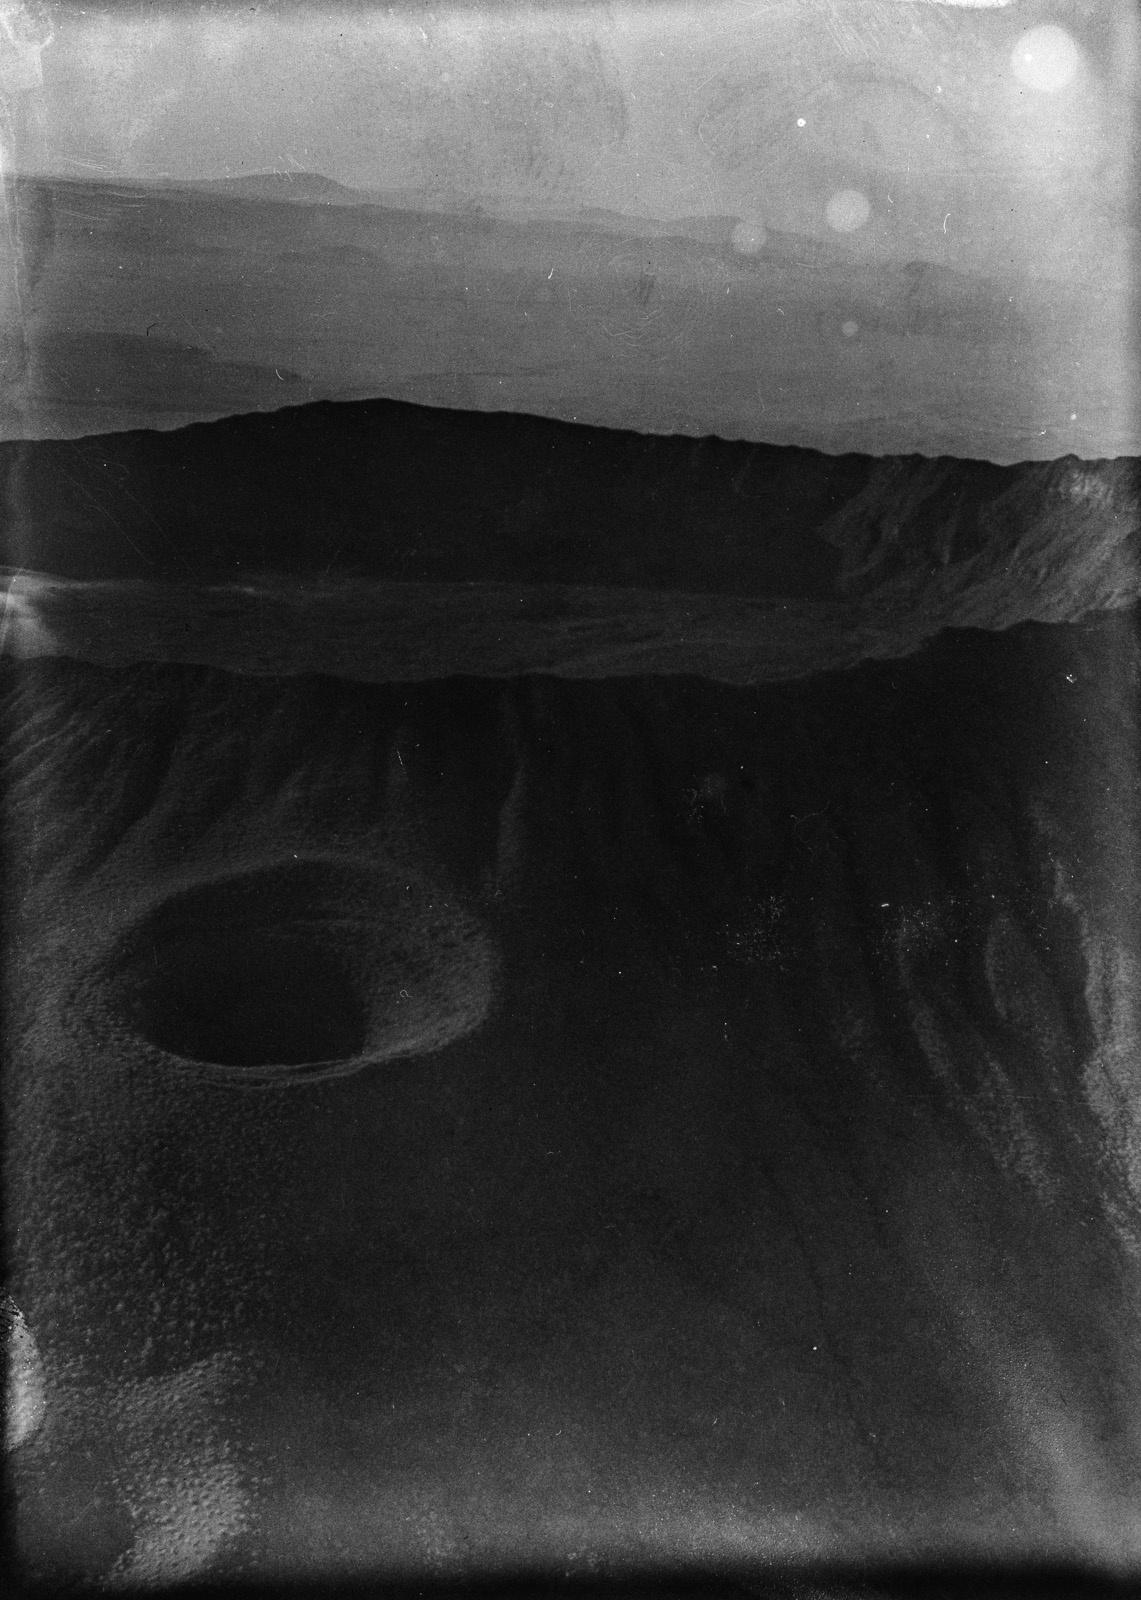 Кения. Найроби. Вид вулкана с боковым кратером